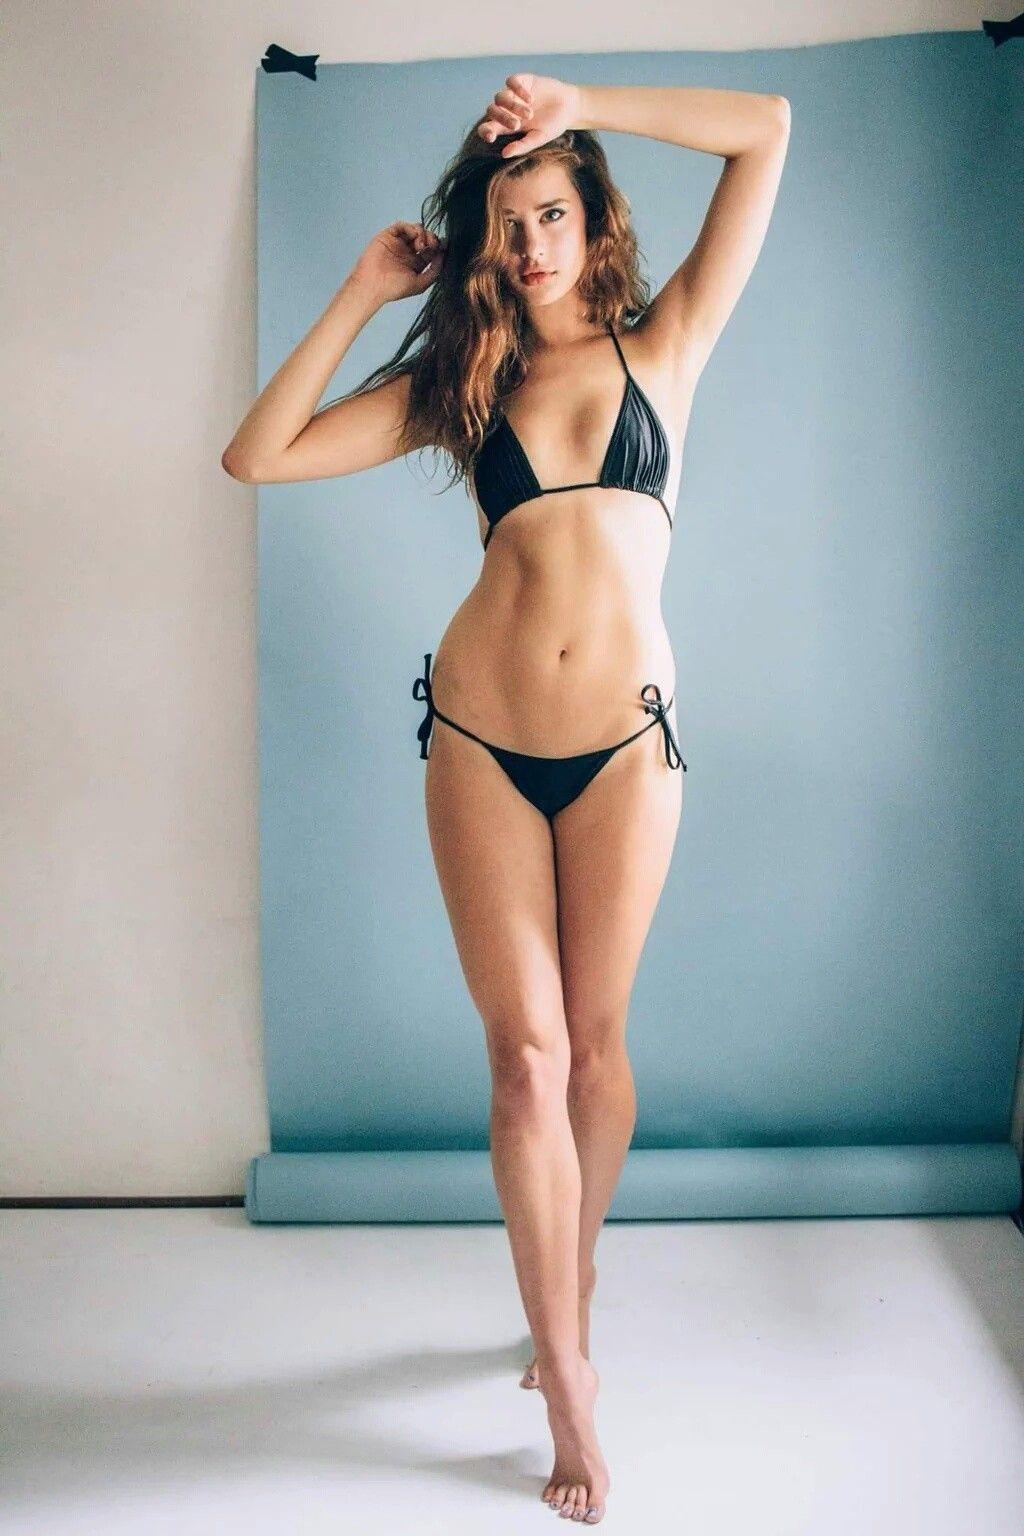 b5c9474f15b Sarah McDaniel Black Bikini, Cute Dresses, Sexy Dresses, Latest Styles,  Popular Culture